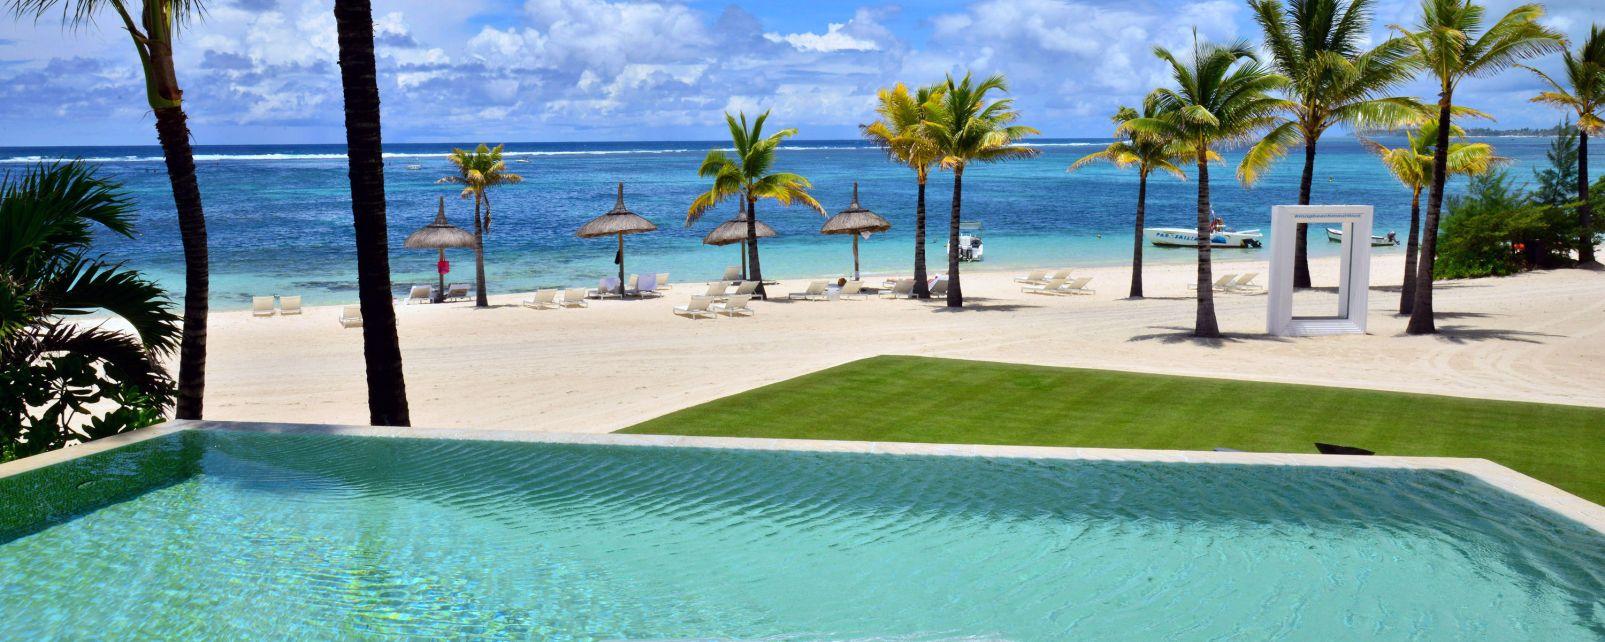 Hôtel Long Beach Mauritius